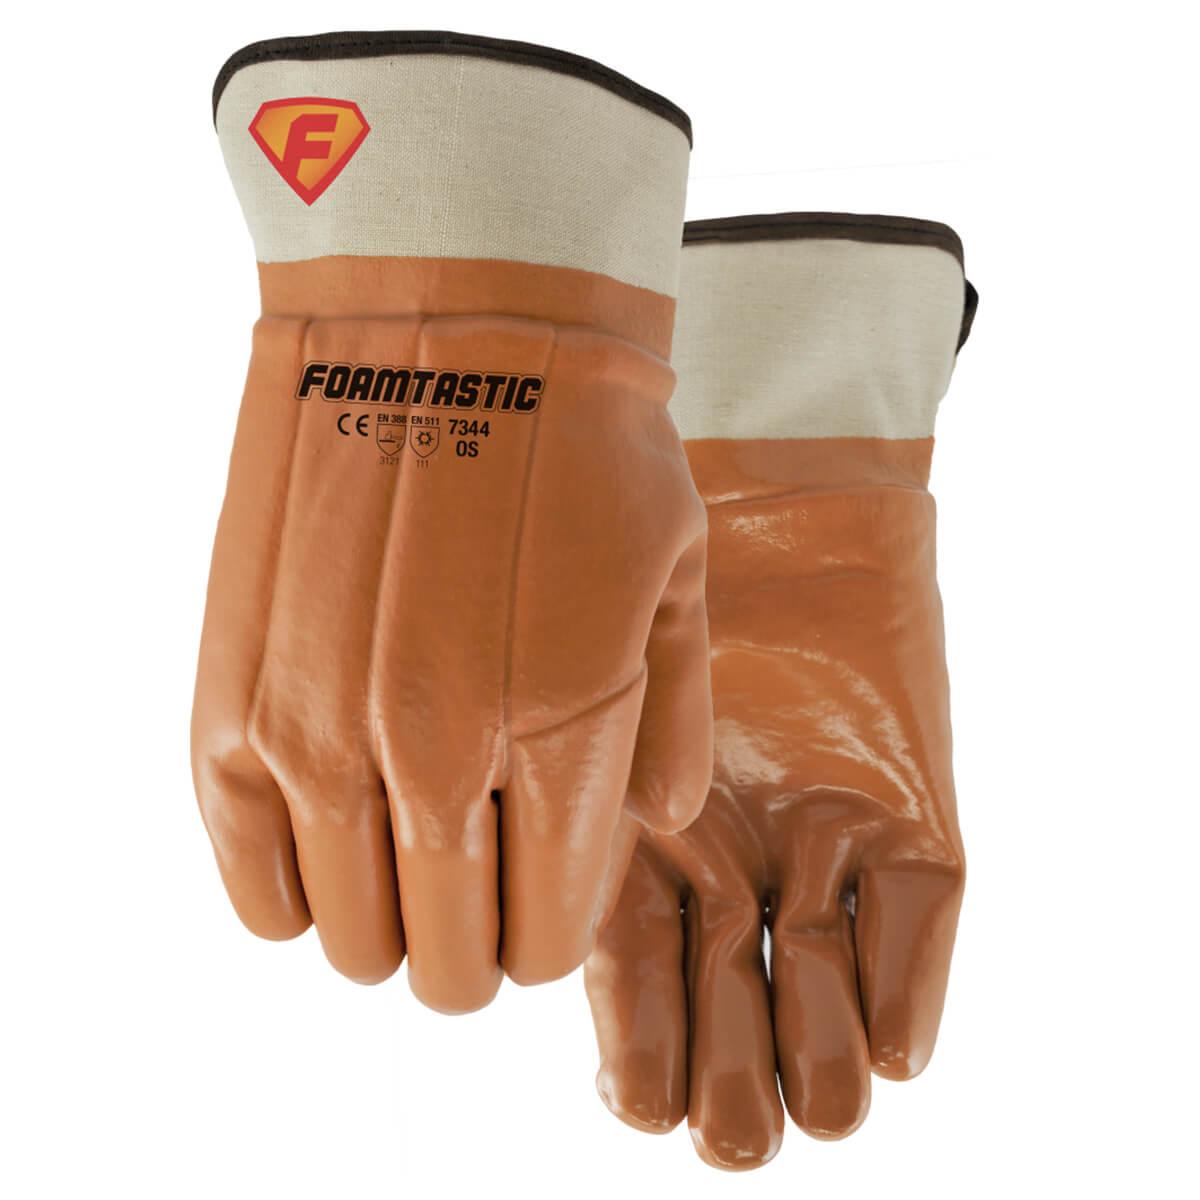 Foamtastic Rubber Monkey Grip Gloves